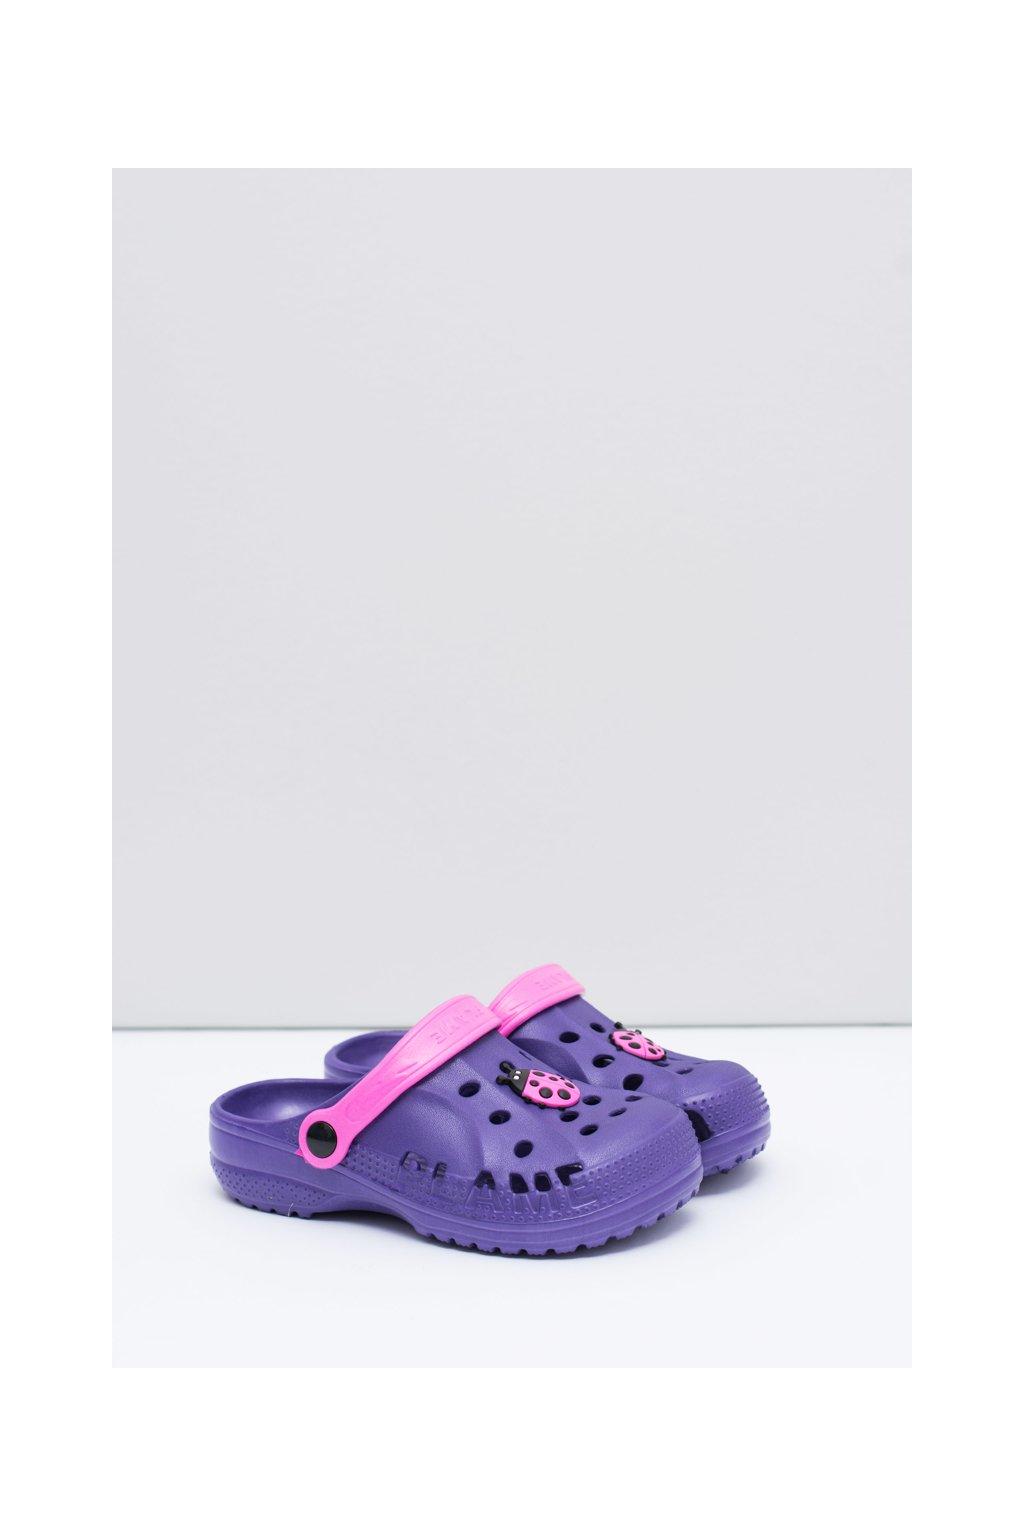 Dievčenské chlapčenské šľapky fialové Kroksy s Beruška